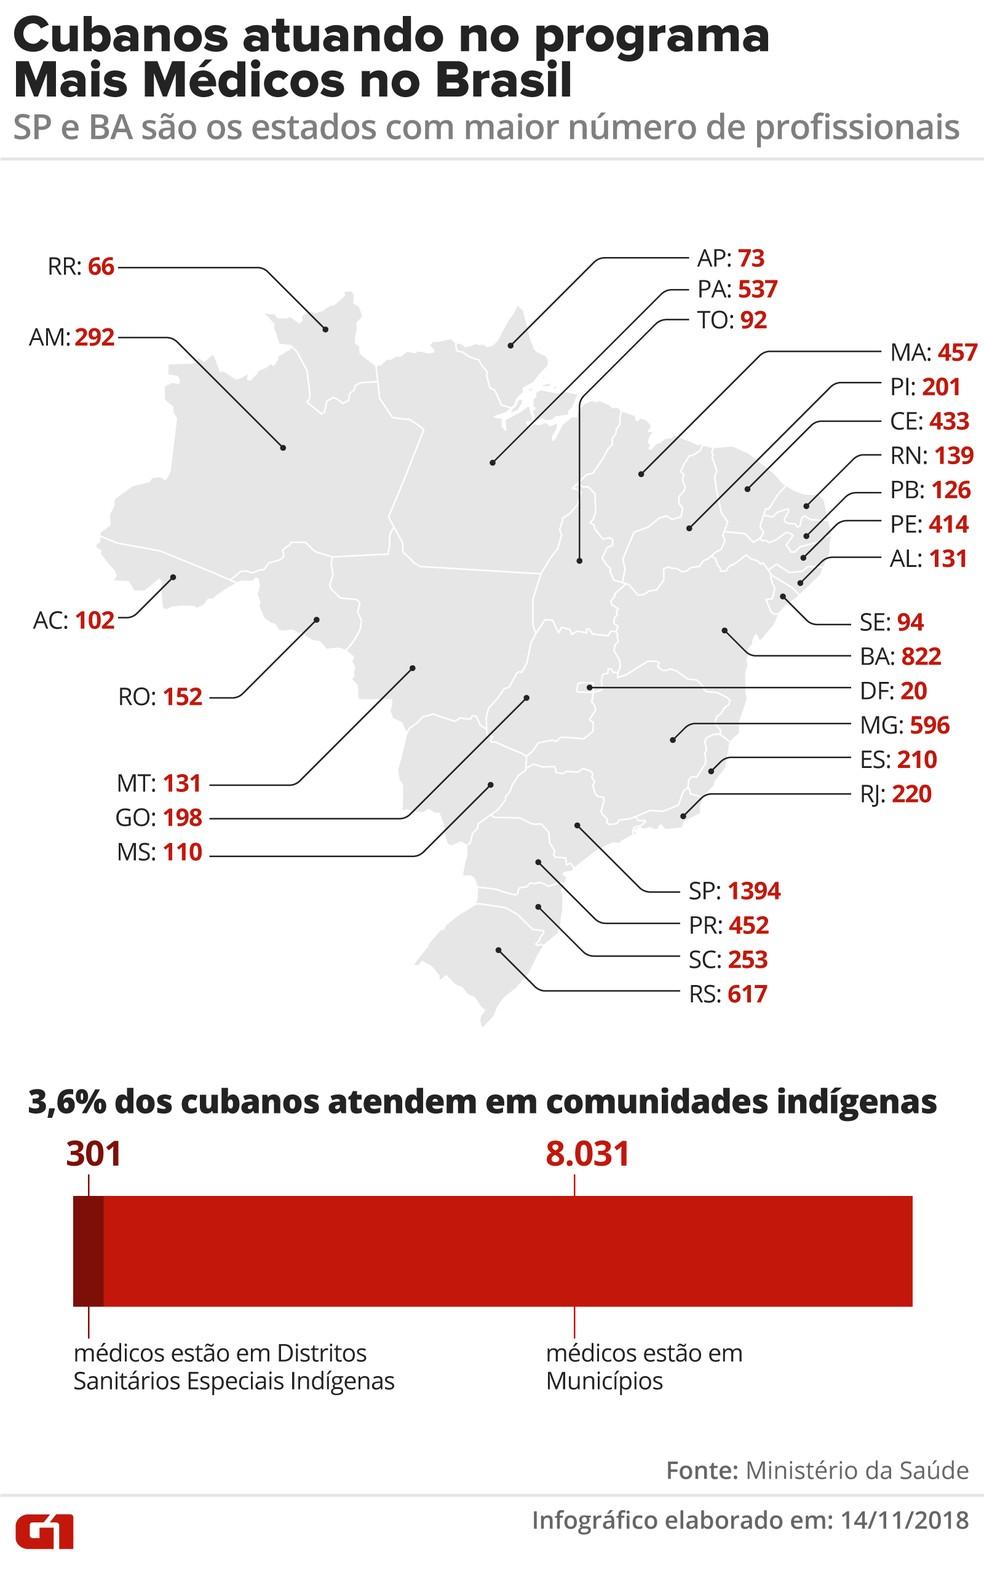 Cubanos atuando no programa Mais Médicos no Brasil — Foto: Alexandre Mauro/G1